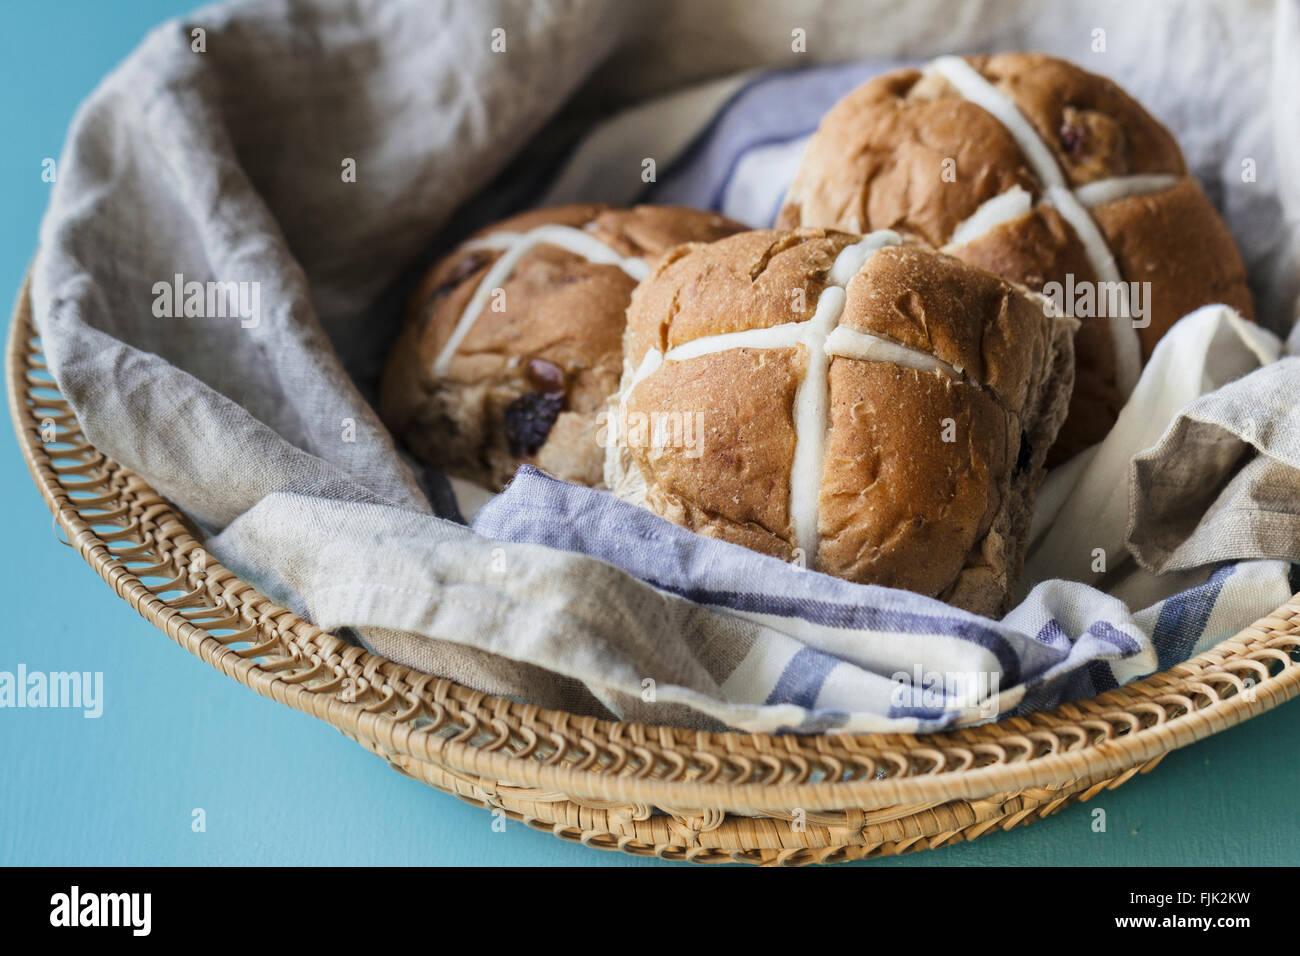 Trois brioches de Pâques dans un panier avec tissu en lin bleu et gris Photo Stock